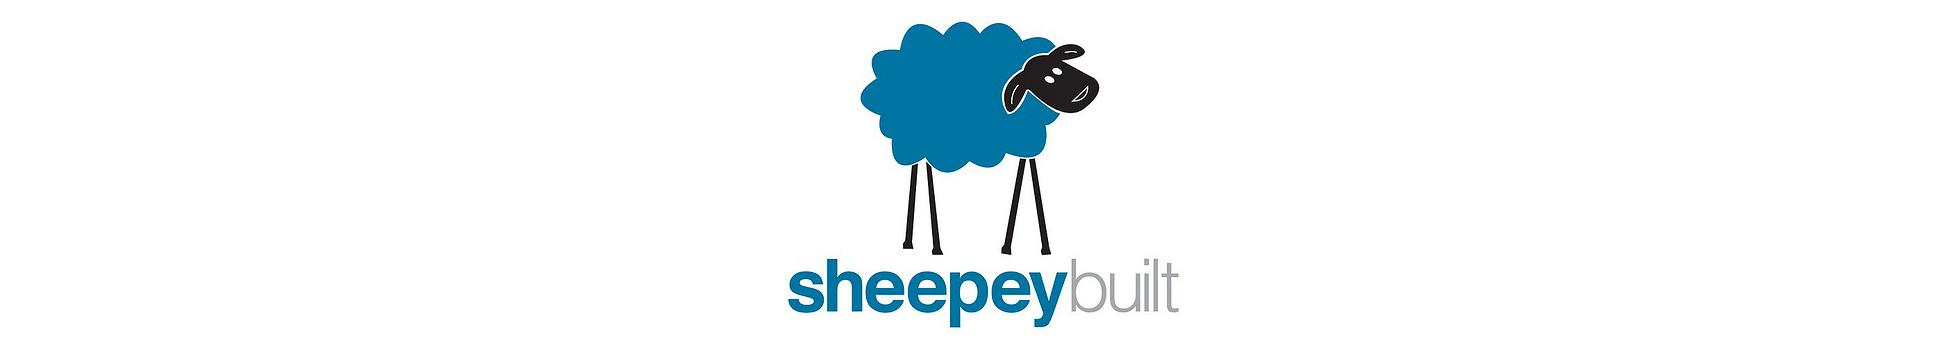 sheepeyheaderr.png